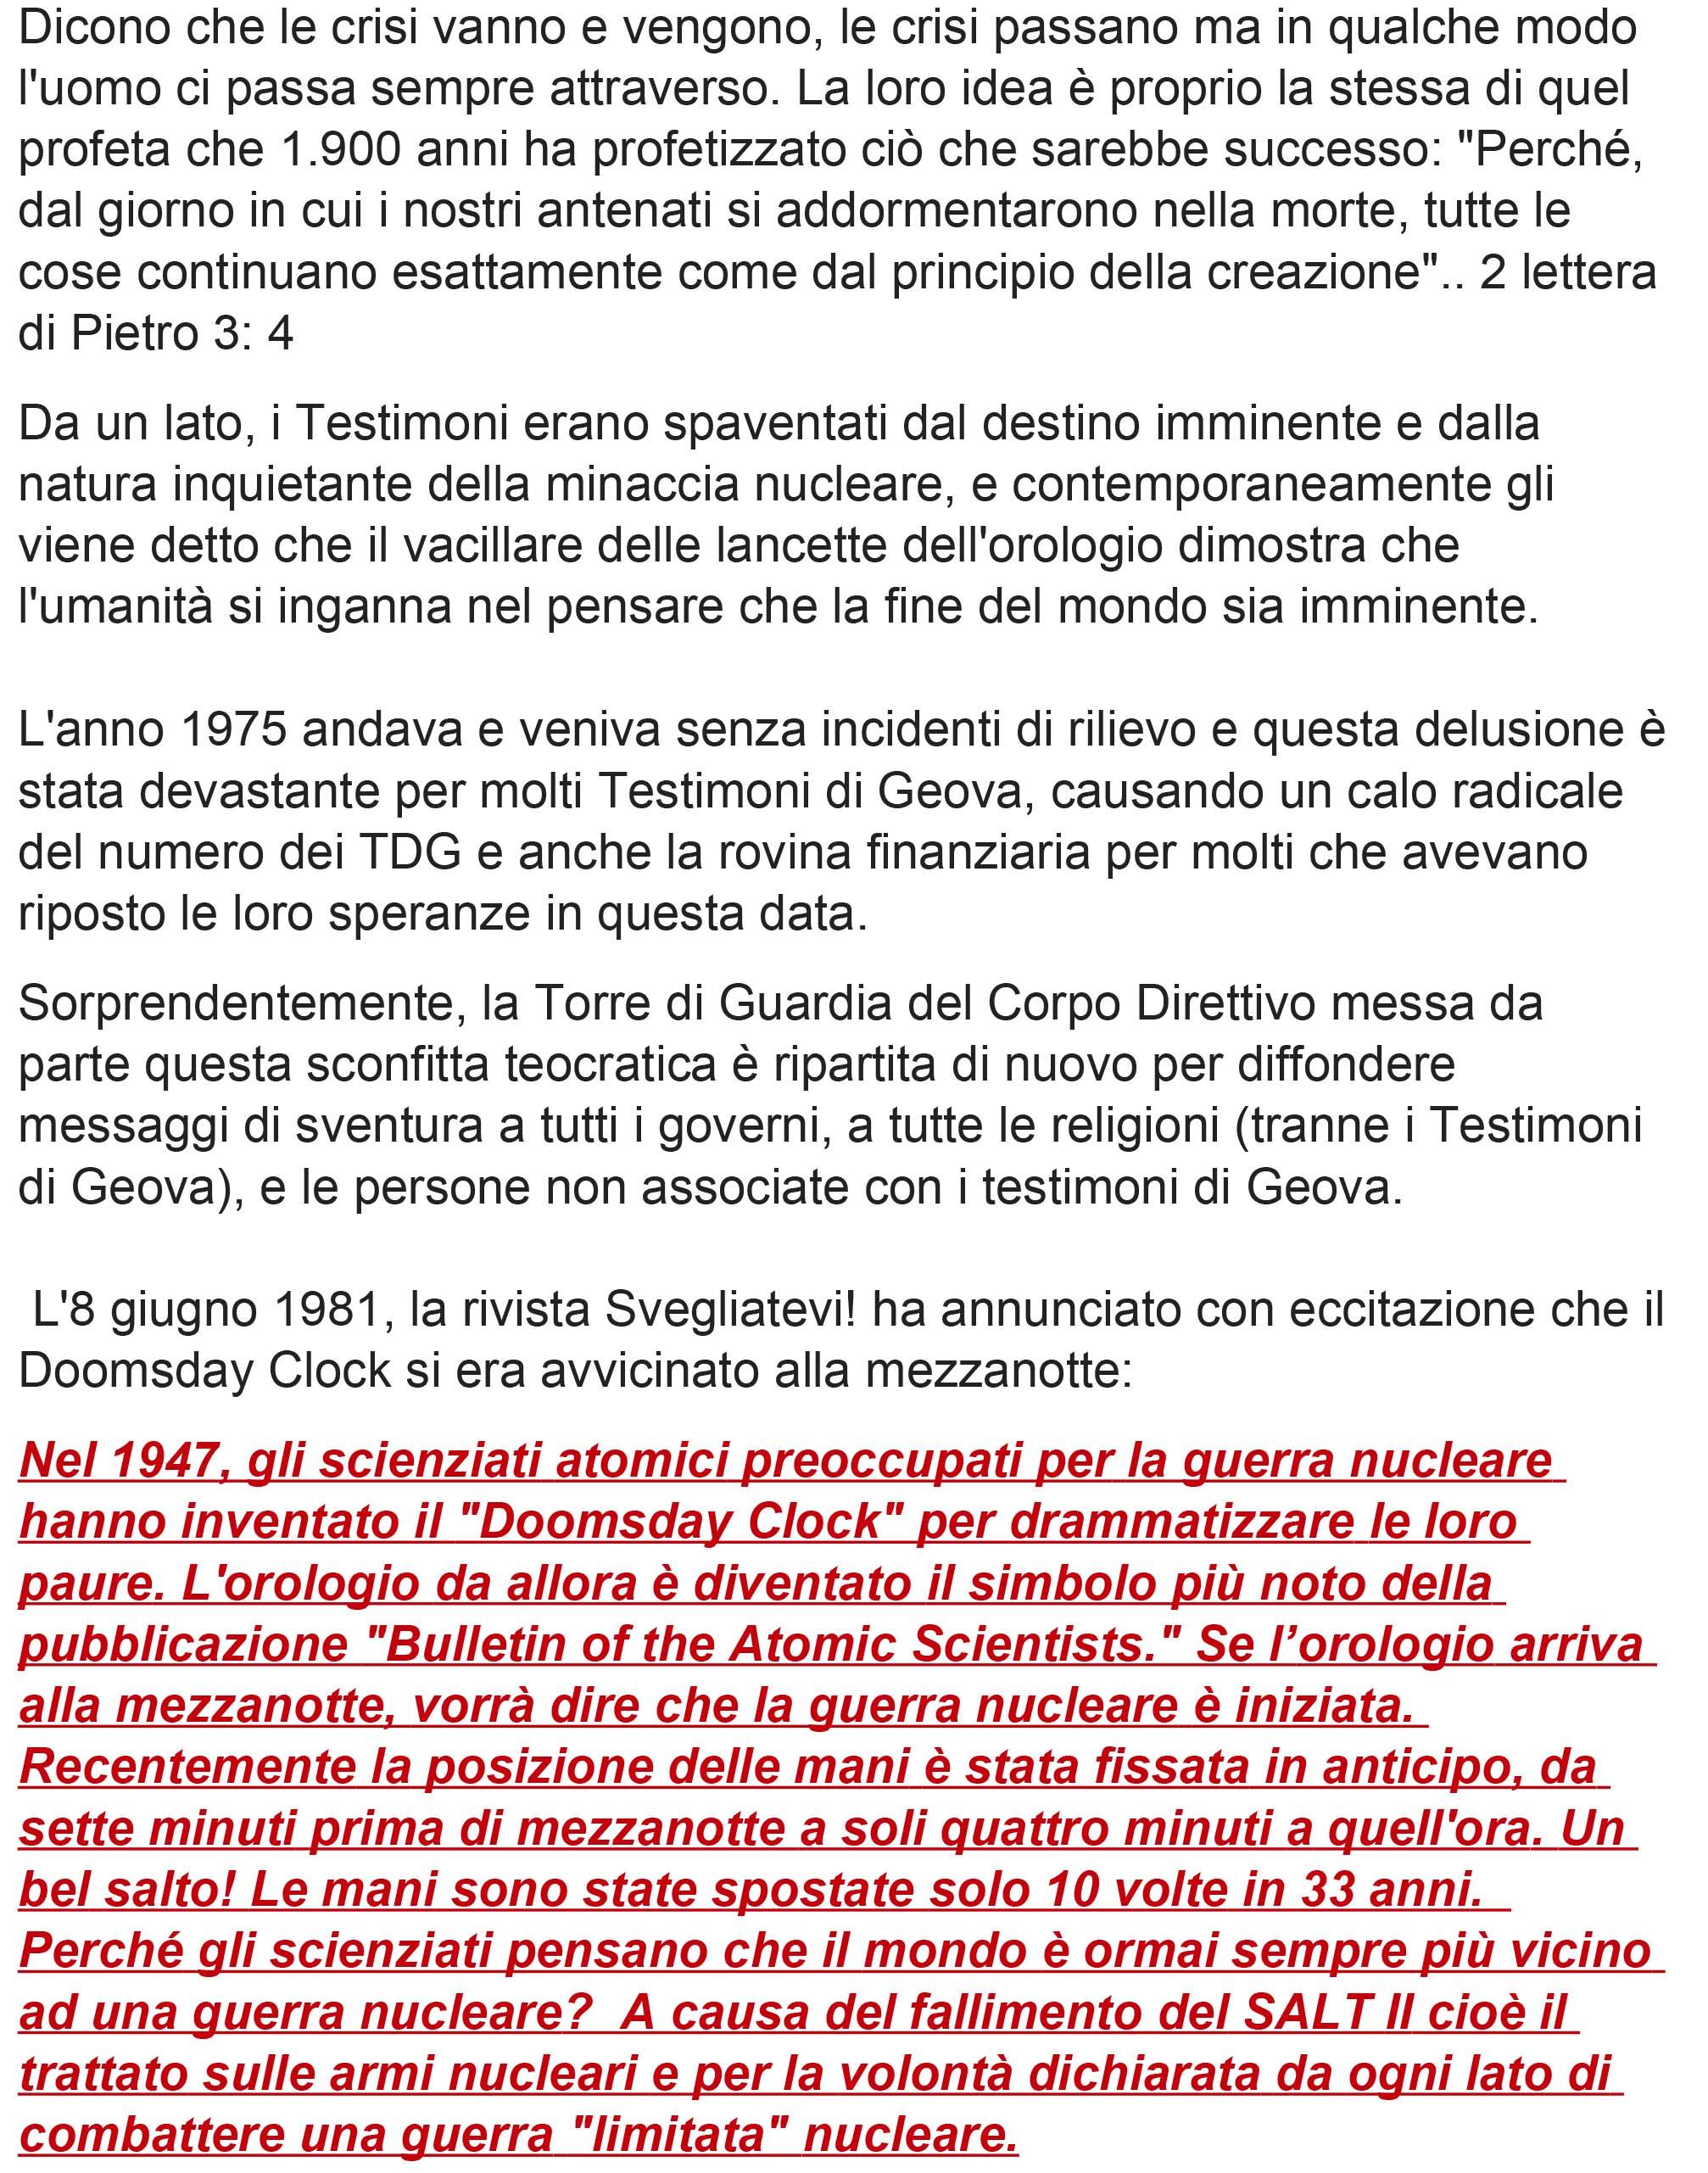 I TESTIMONI DI GEOVA E IL DOOMSDAY CLOCK – L'OROLOGIO DELLA FINE DEL MONDO-3